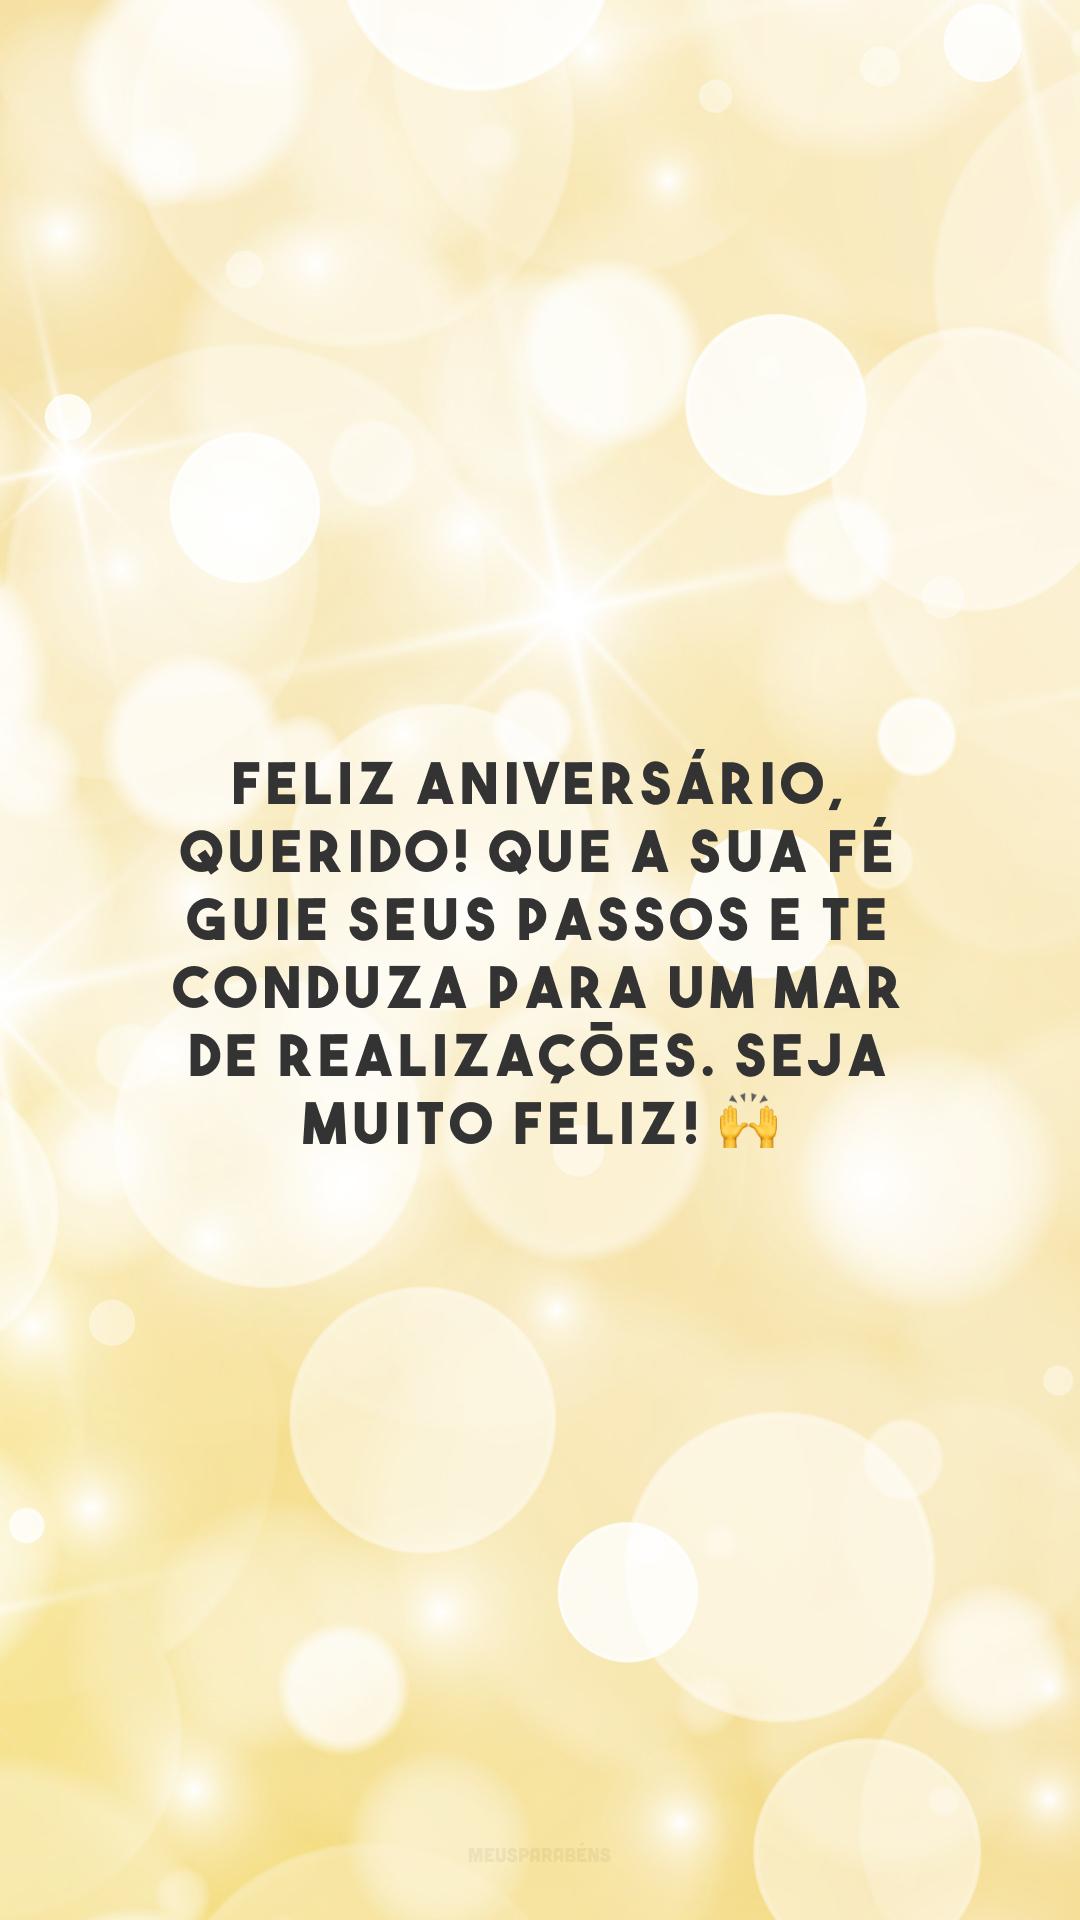 Feliz aniversário, querido! Que a sua fé guie seus passos e te conduza para um mar de realizações. Seja muito feliz!